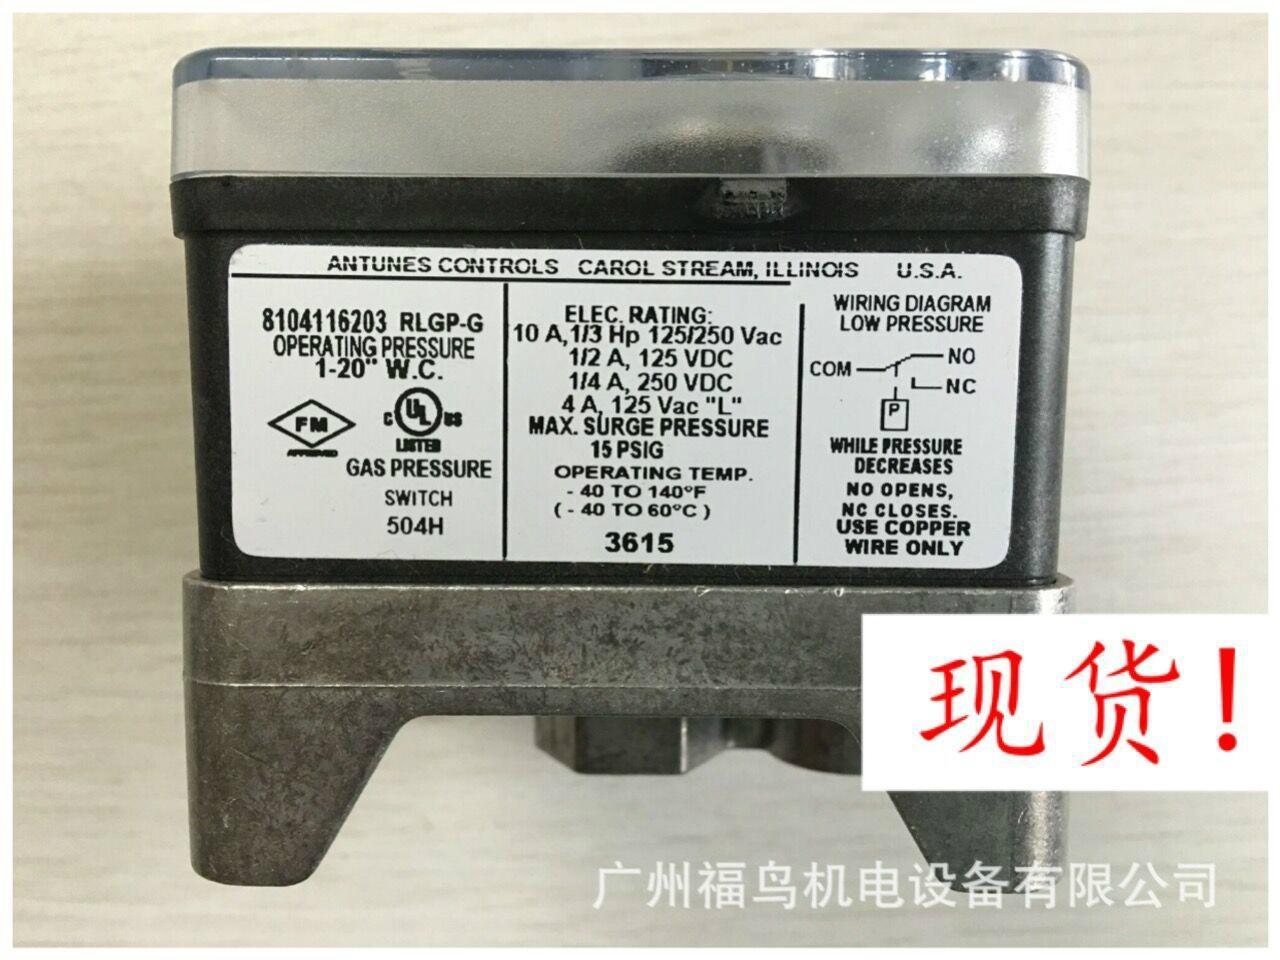 ANTUNES CONTROLS壓力開關, 型號:RLGP-G 8104116203